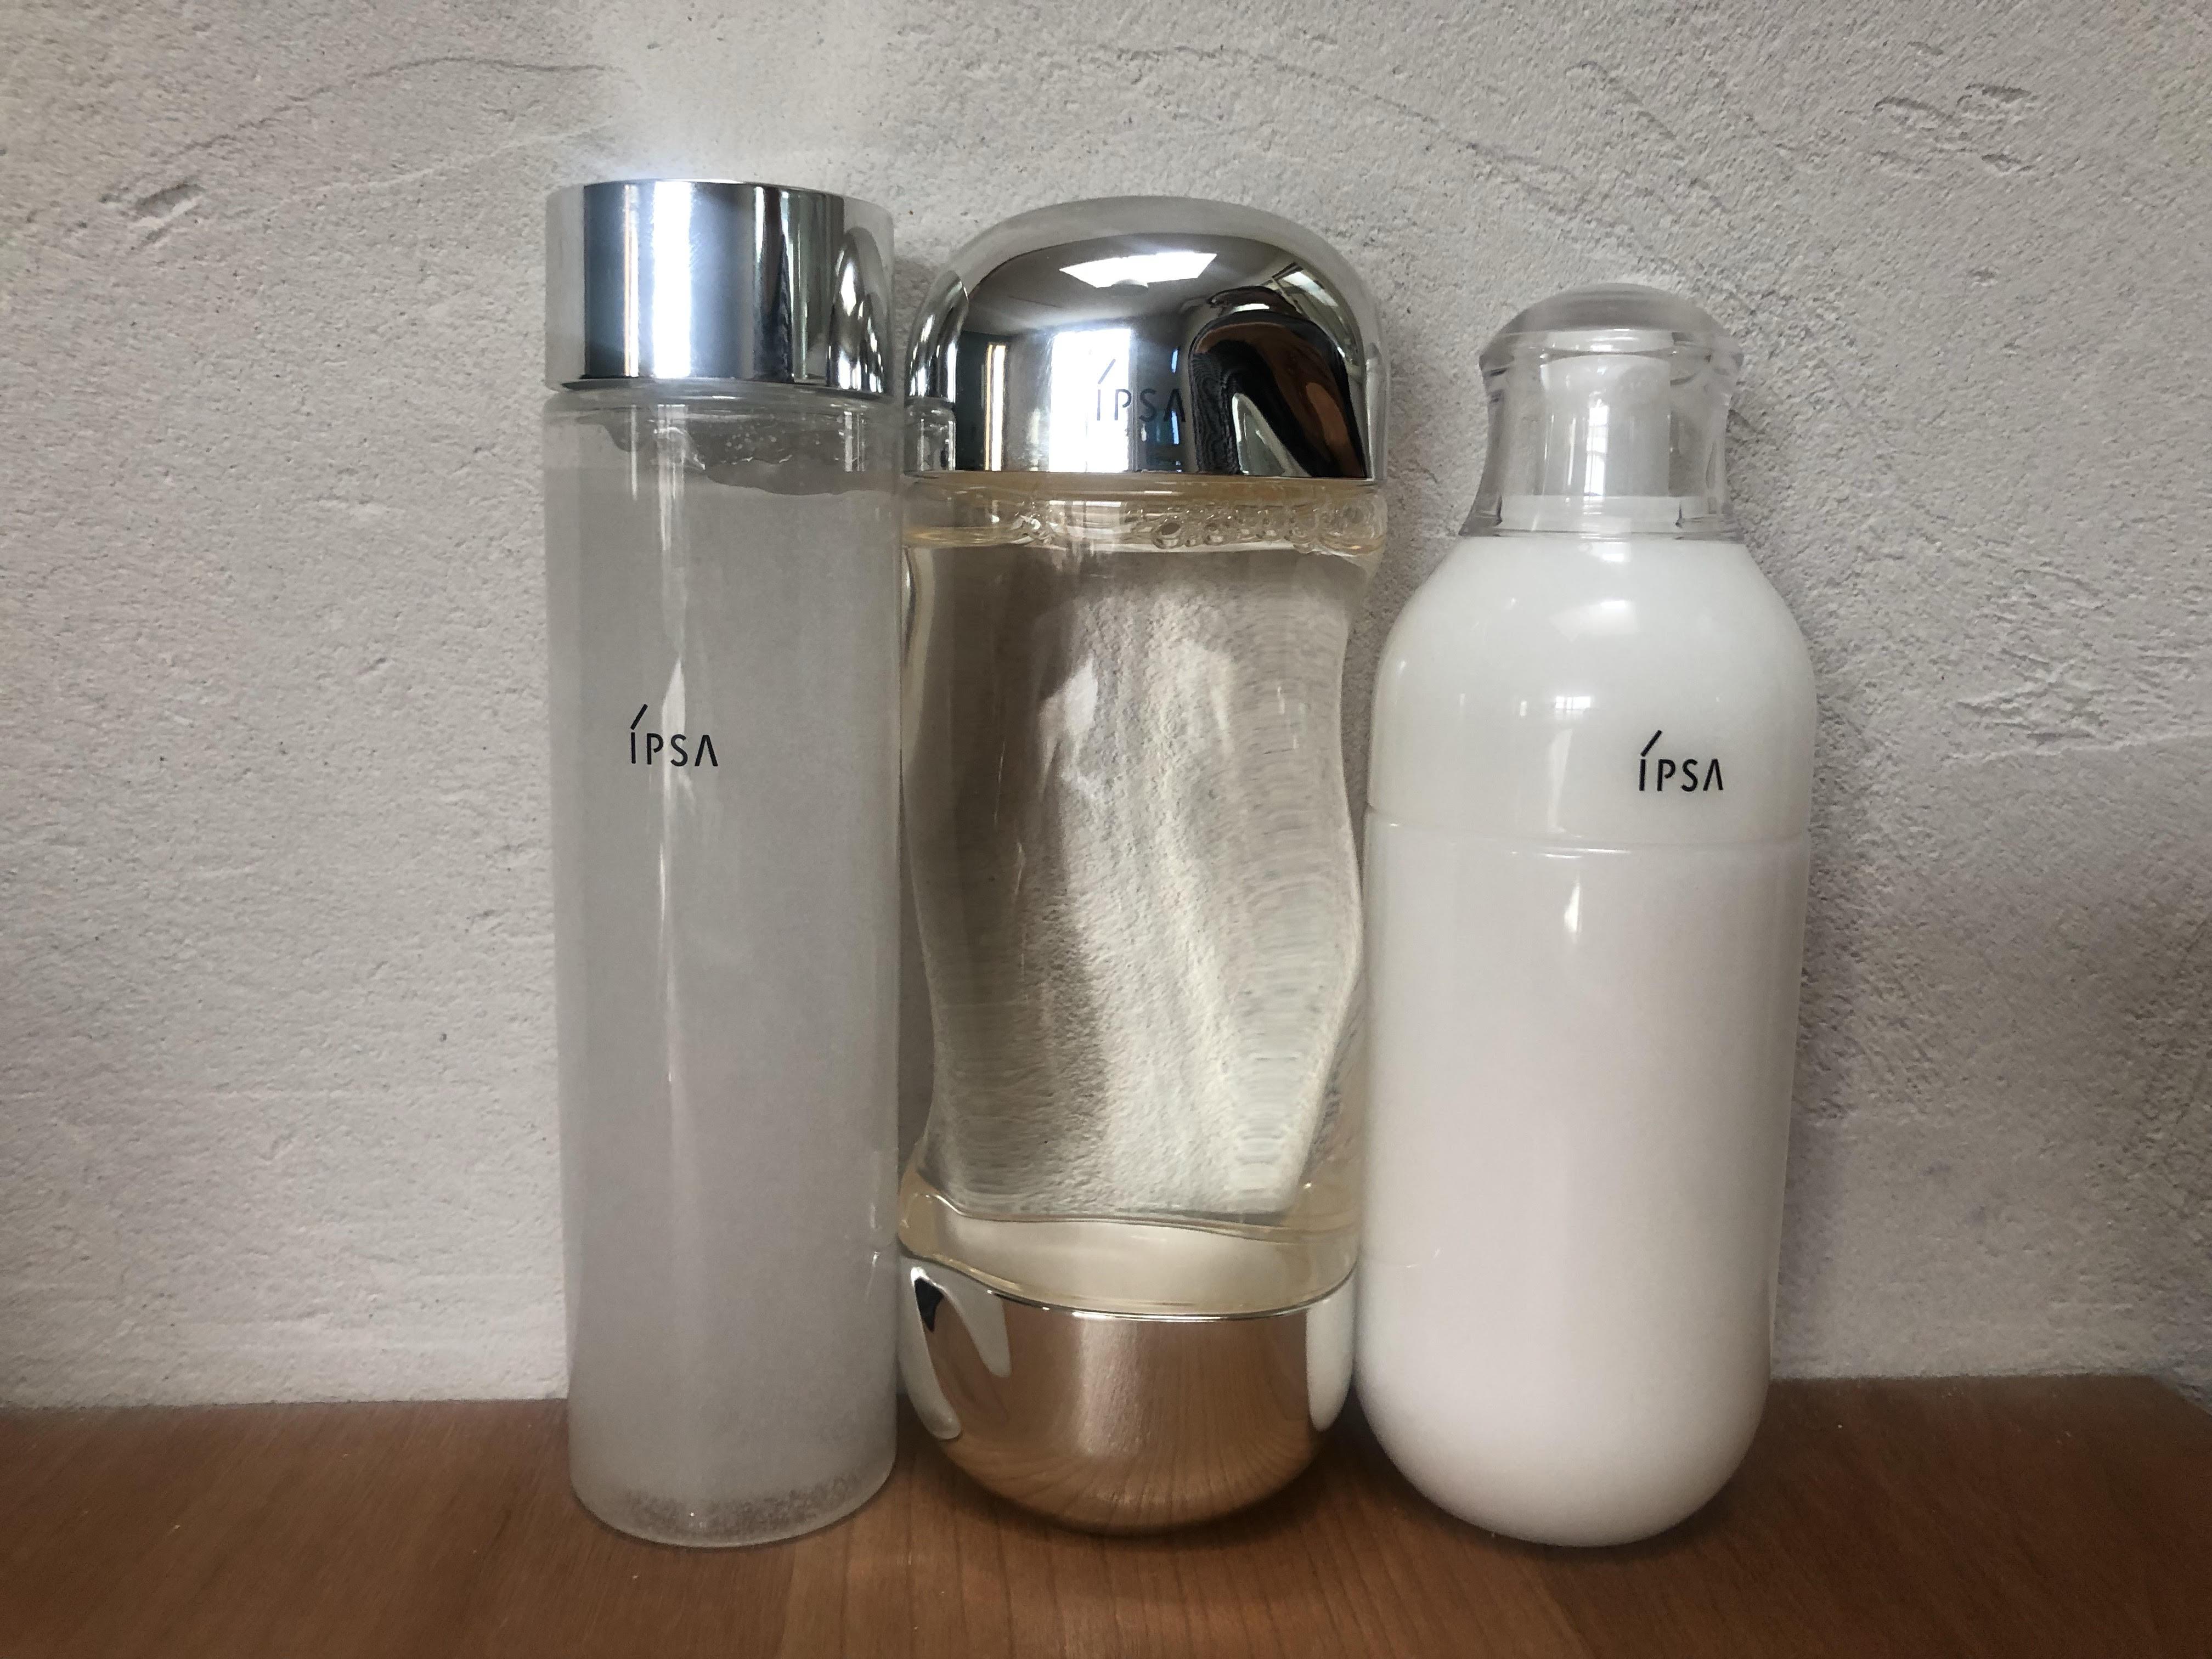 デパコス特集《化粧水編》- ディオール、ポーラ「B.A」など、20代におすすめの化粧水まとめ_22